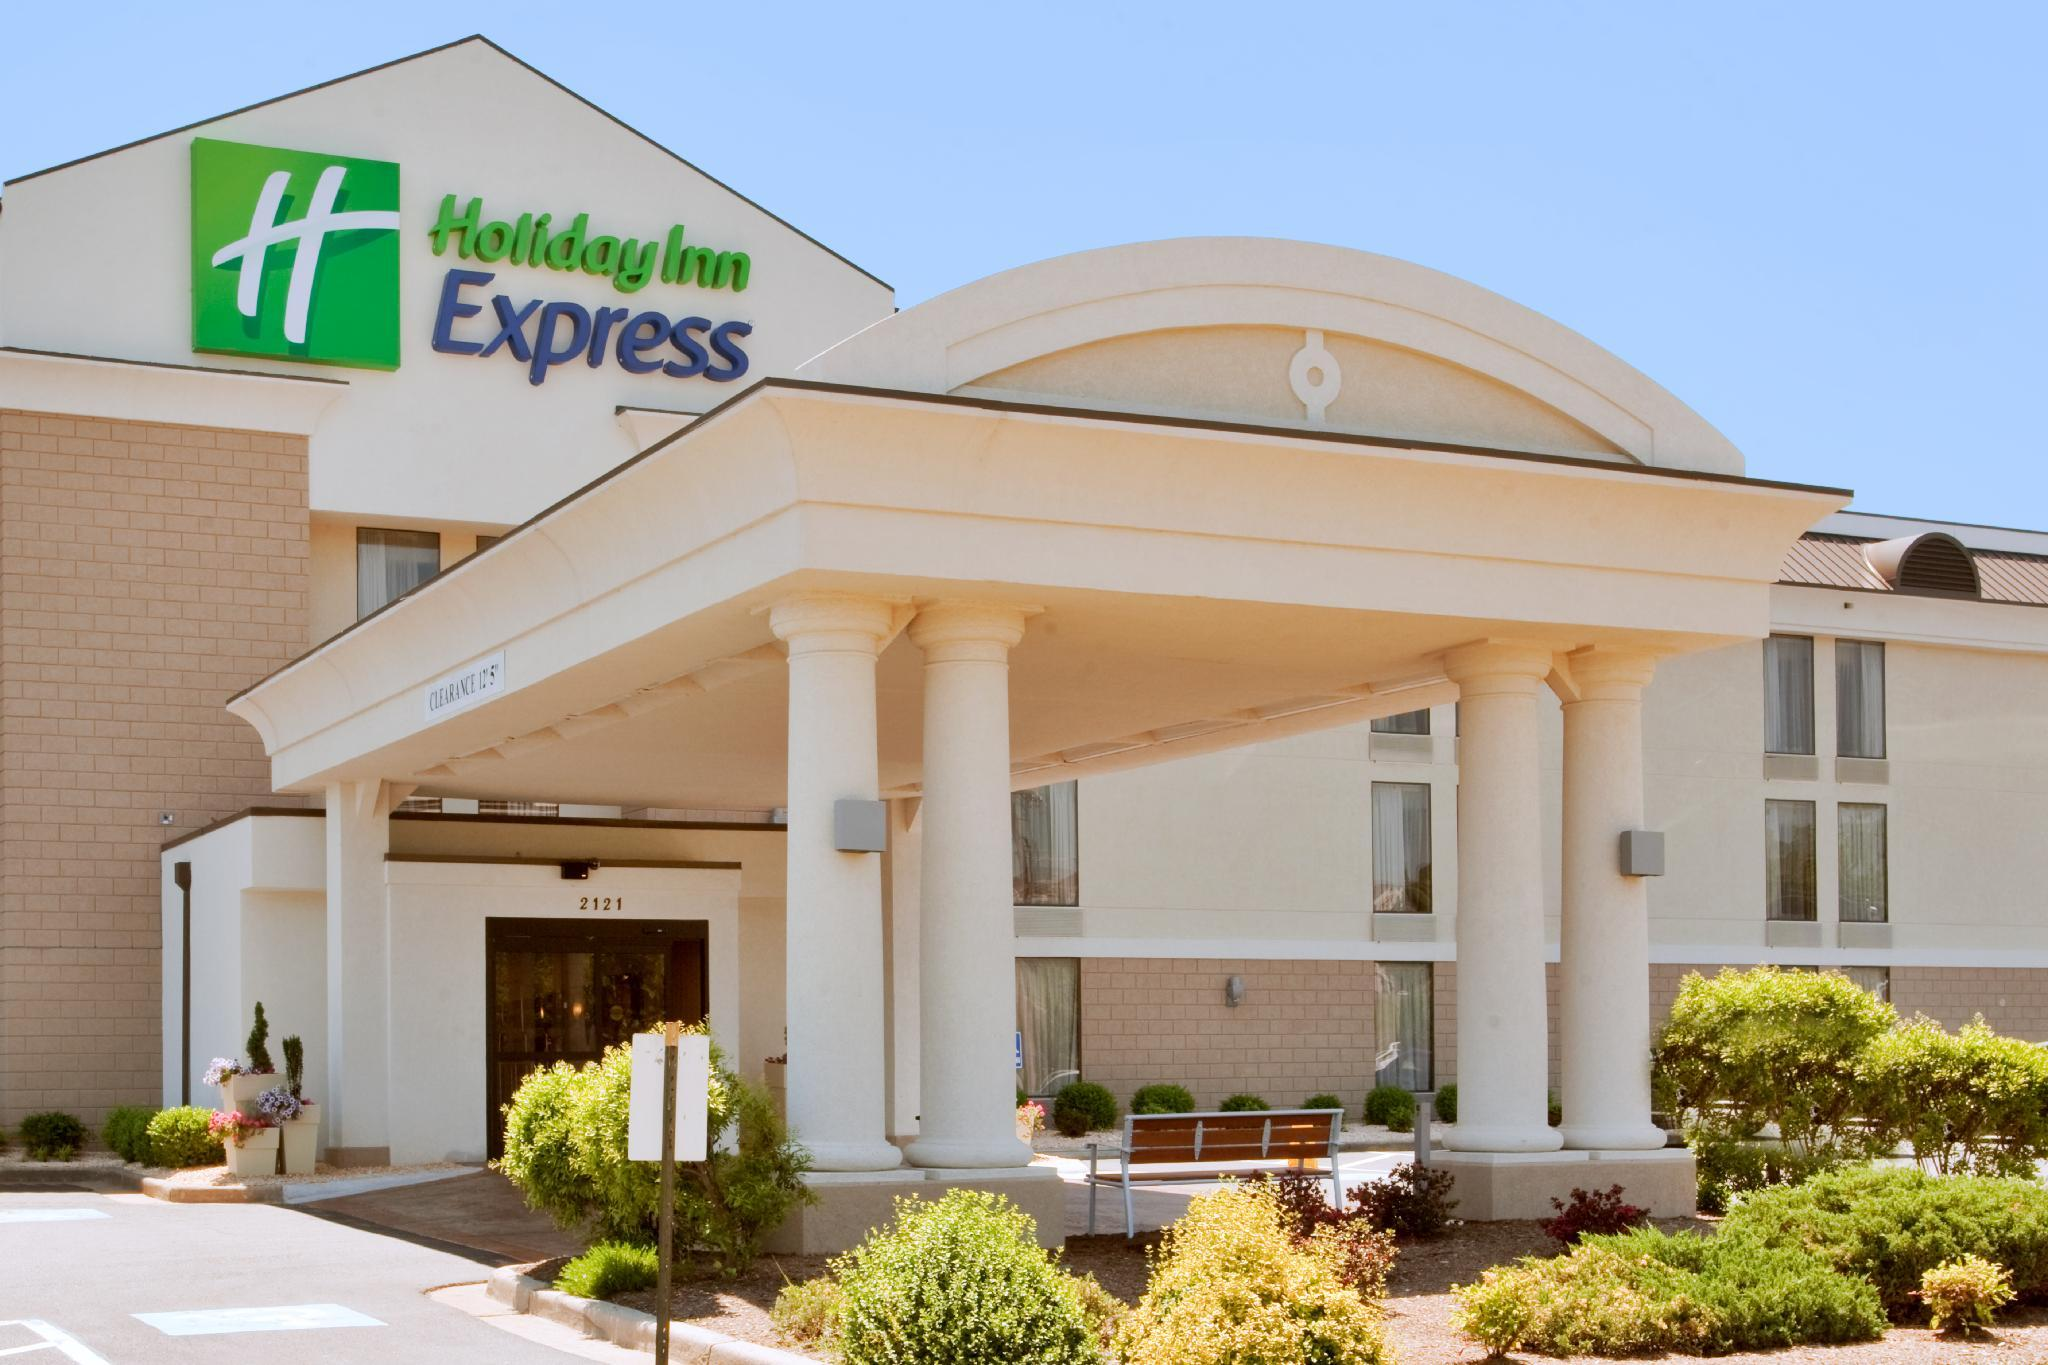 Holiday Inn Express Danville